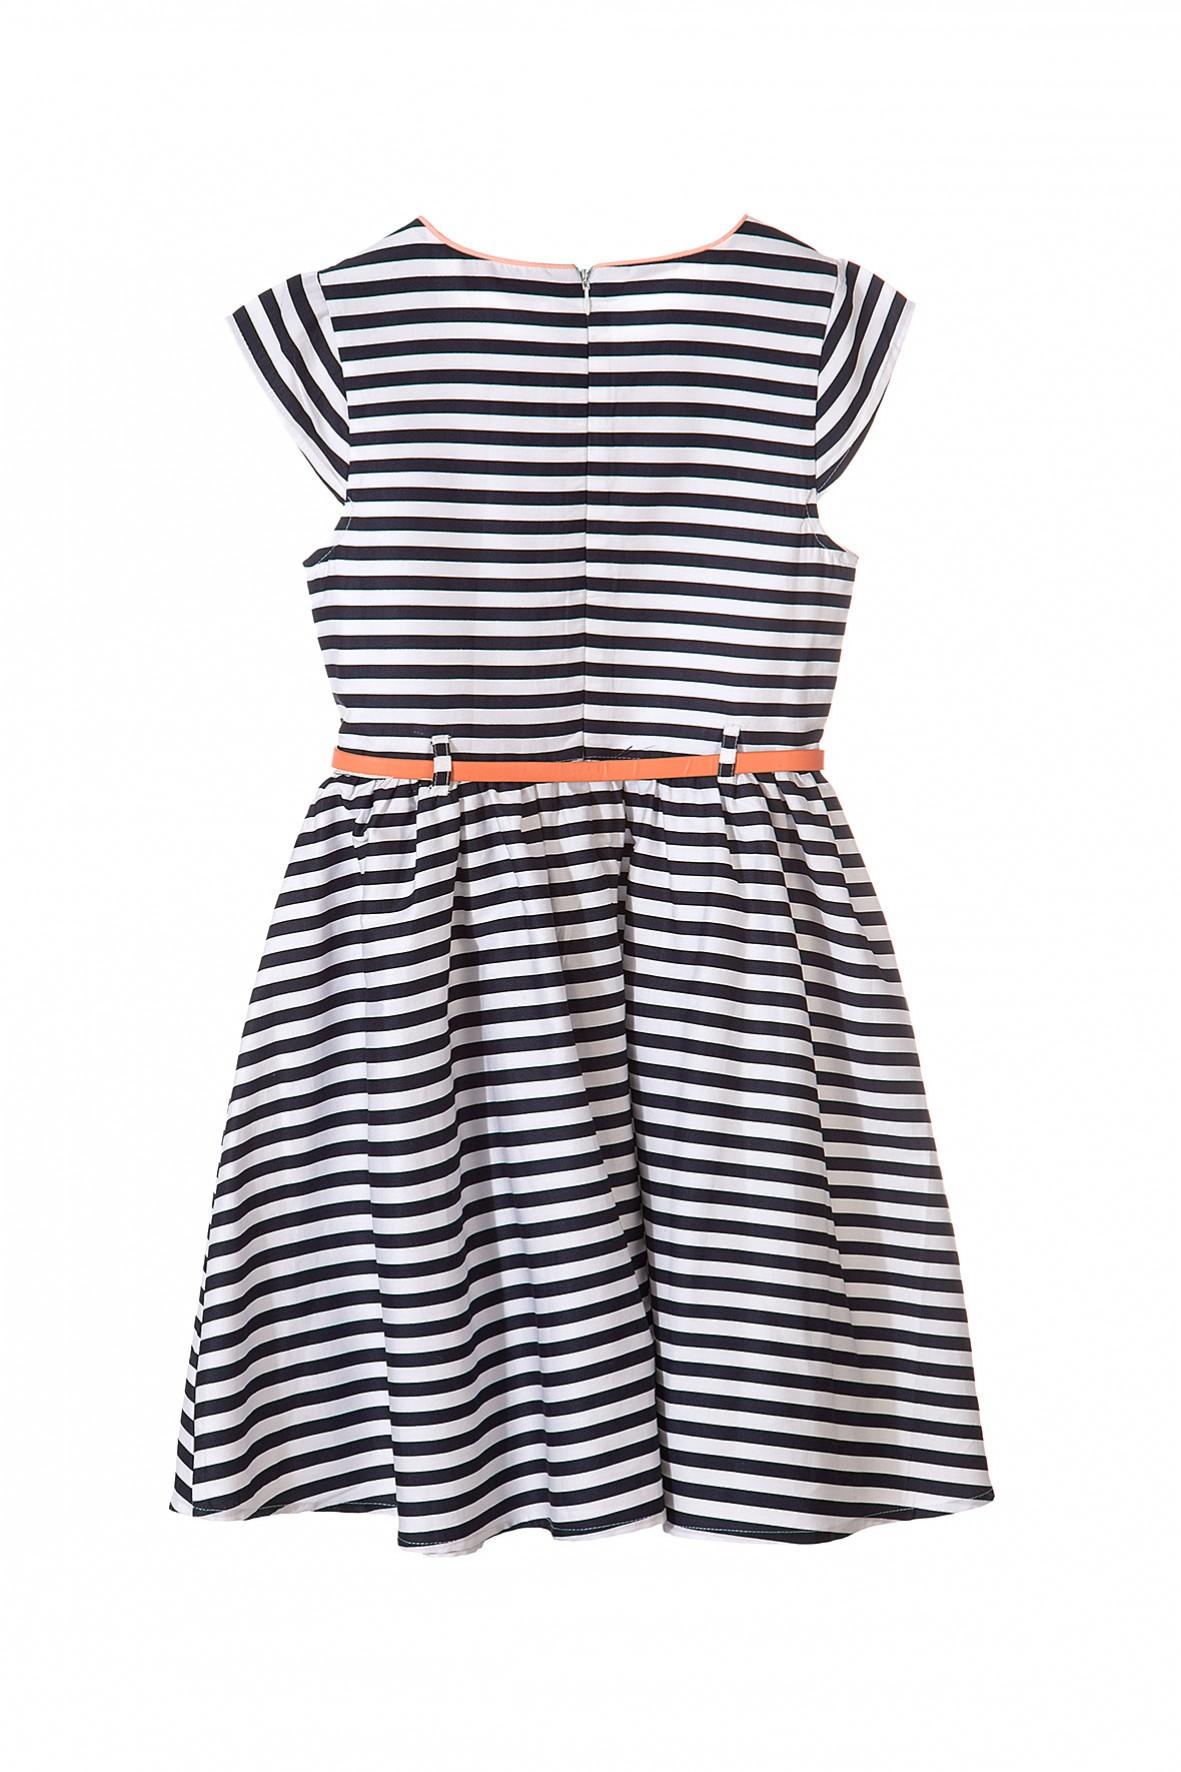 e5faa711d6 Sukienka dla dziewczynki w biało granatowe paski-idealna na ...